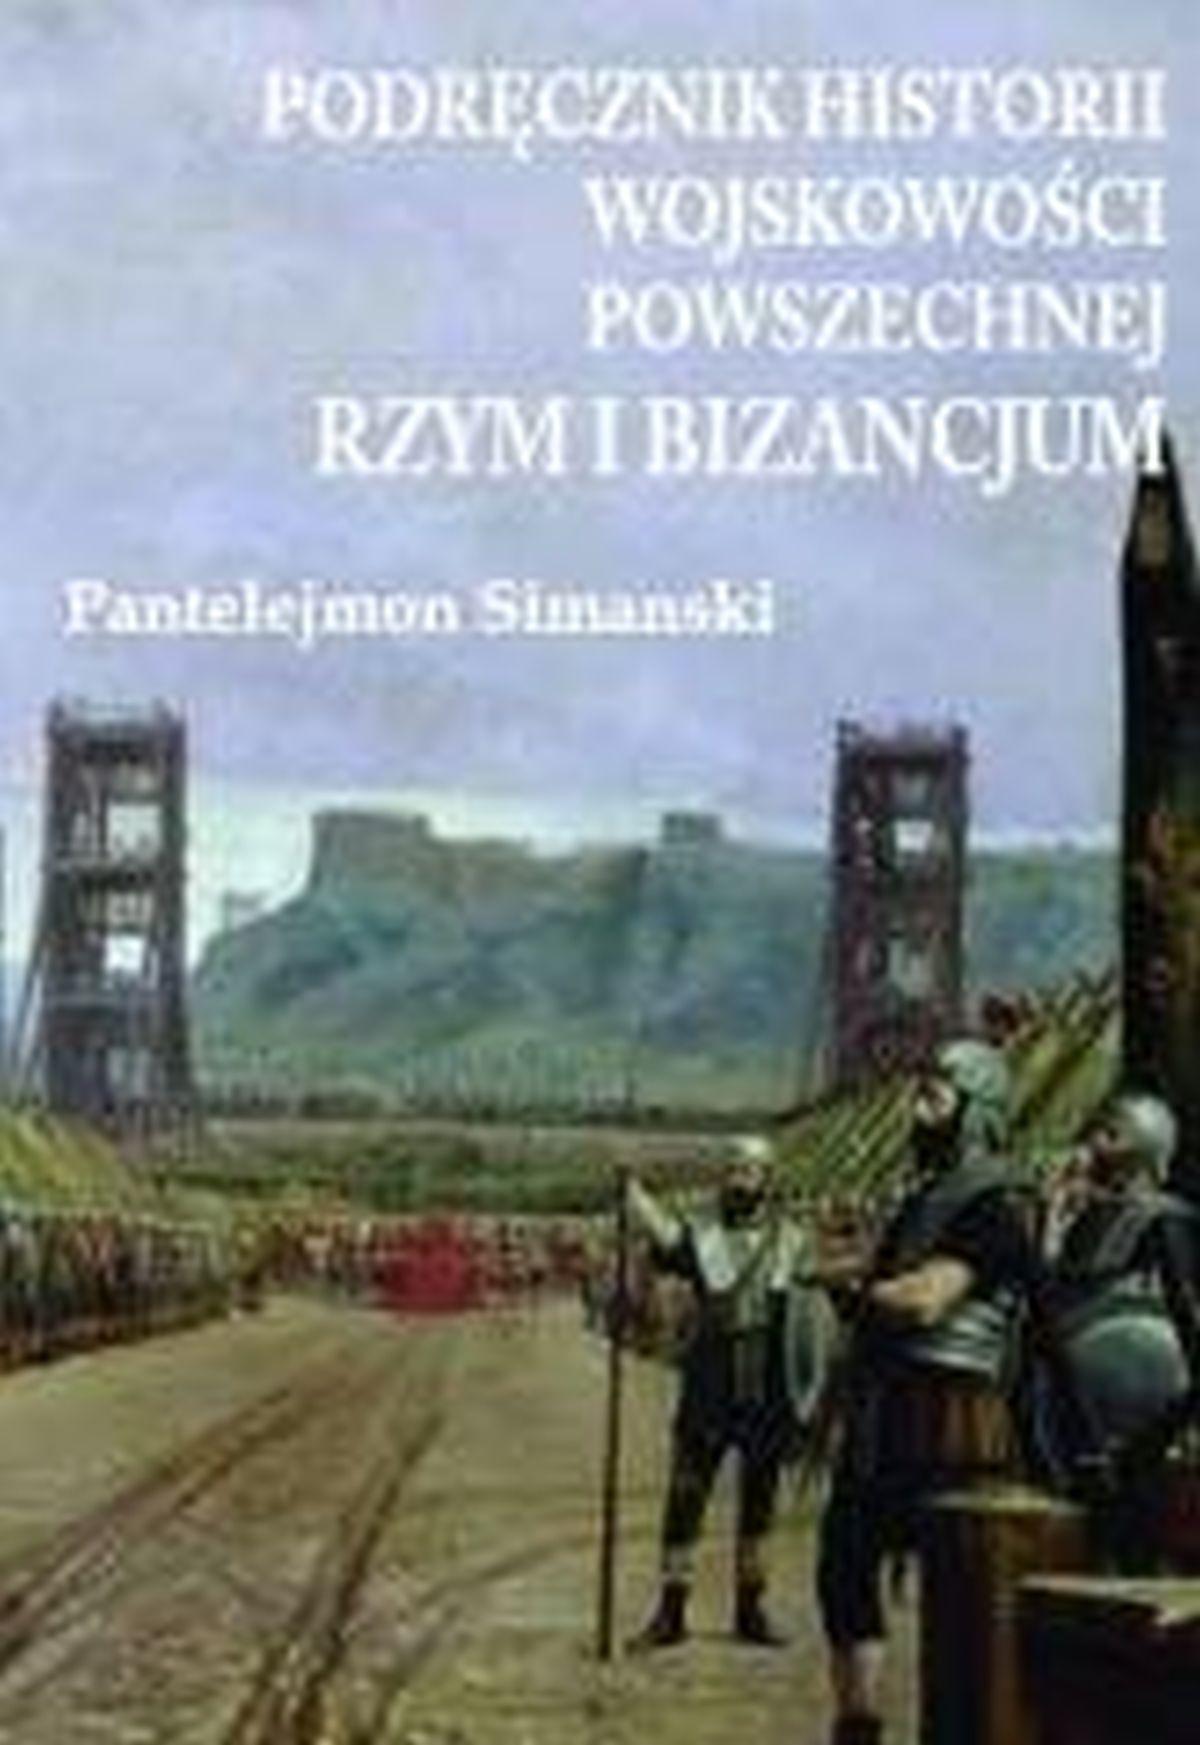 Podręcznik historii wojskowości powszechnej. Rzym i Bizancjum